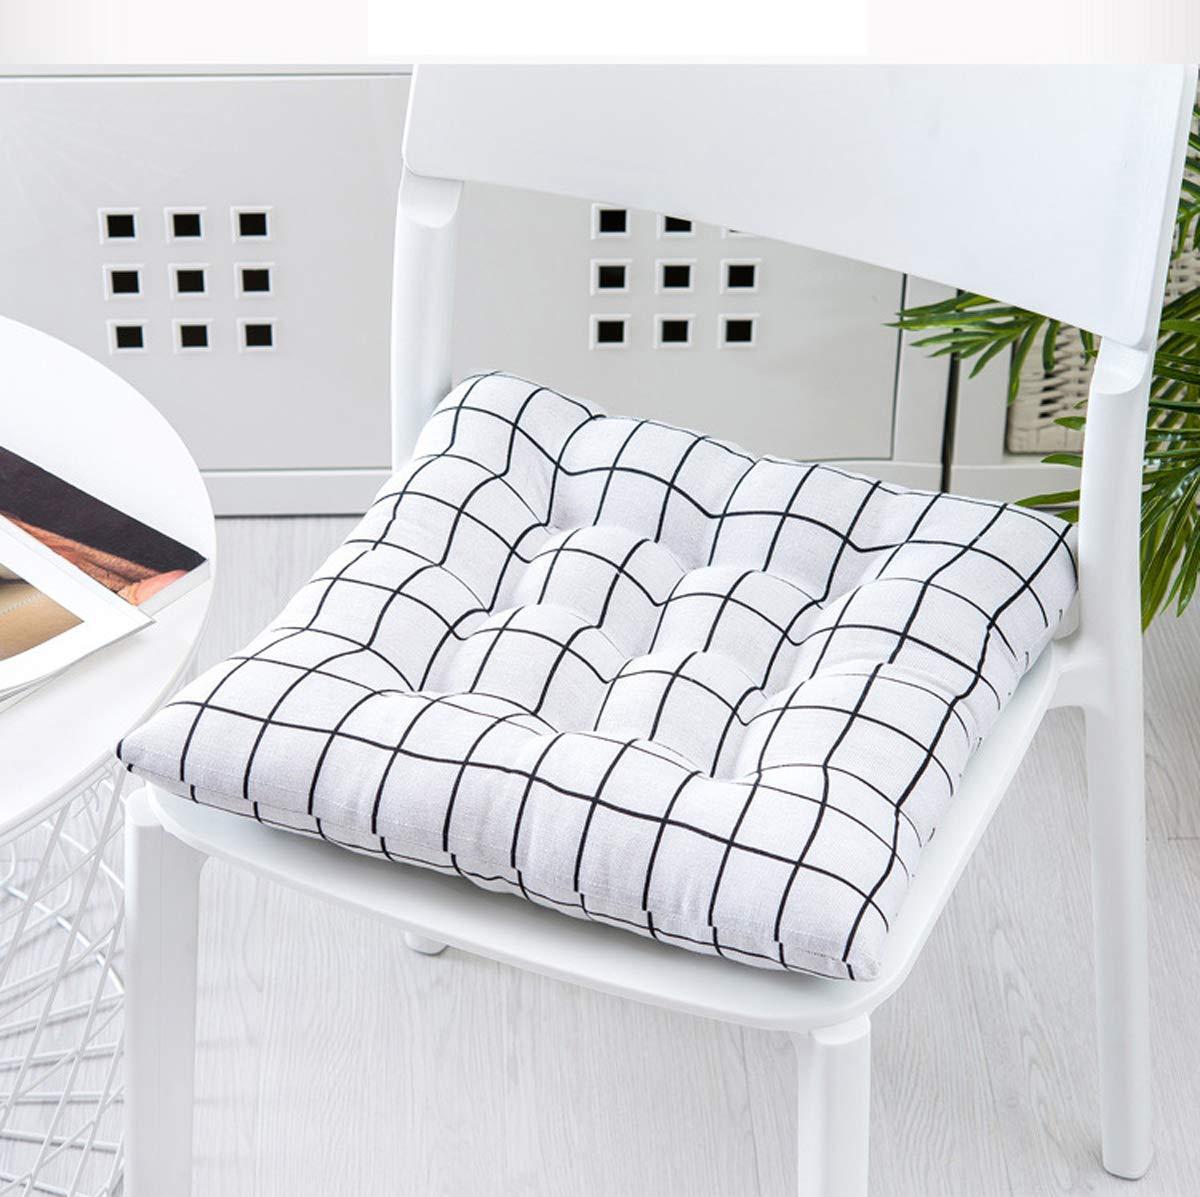 Grande Cojines sillas jardin exterior Cuadrado,Espesar Amortiguador de asiento de coche silla oficina Restaurante al aire libre Cómodos cojines para silla Patio de casa jardín-B 40x40cm(16x16inch): Amazon.es: Hogar